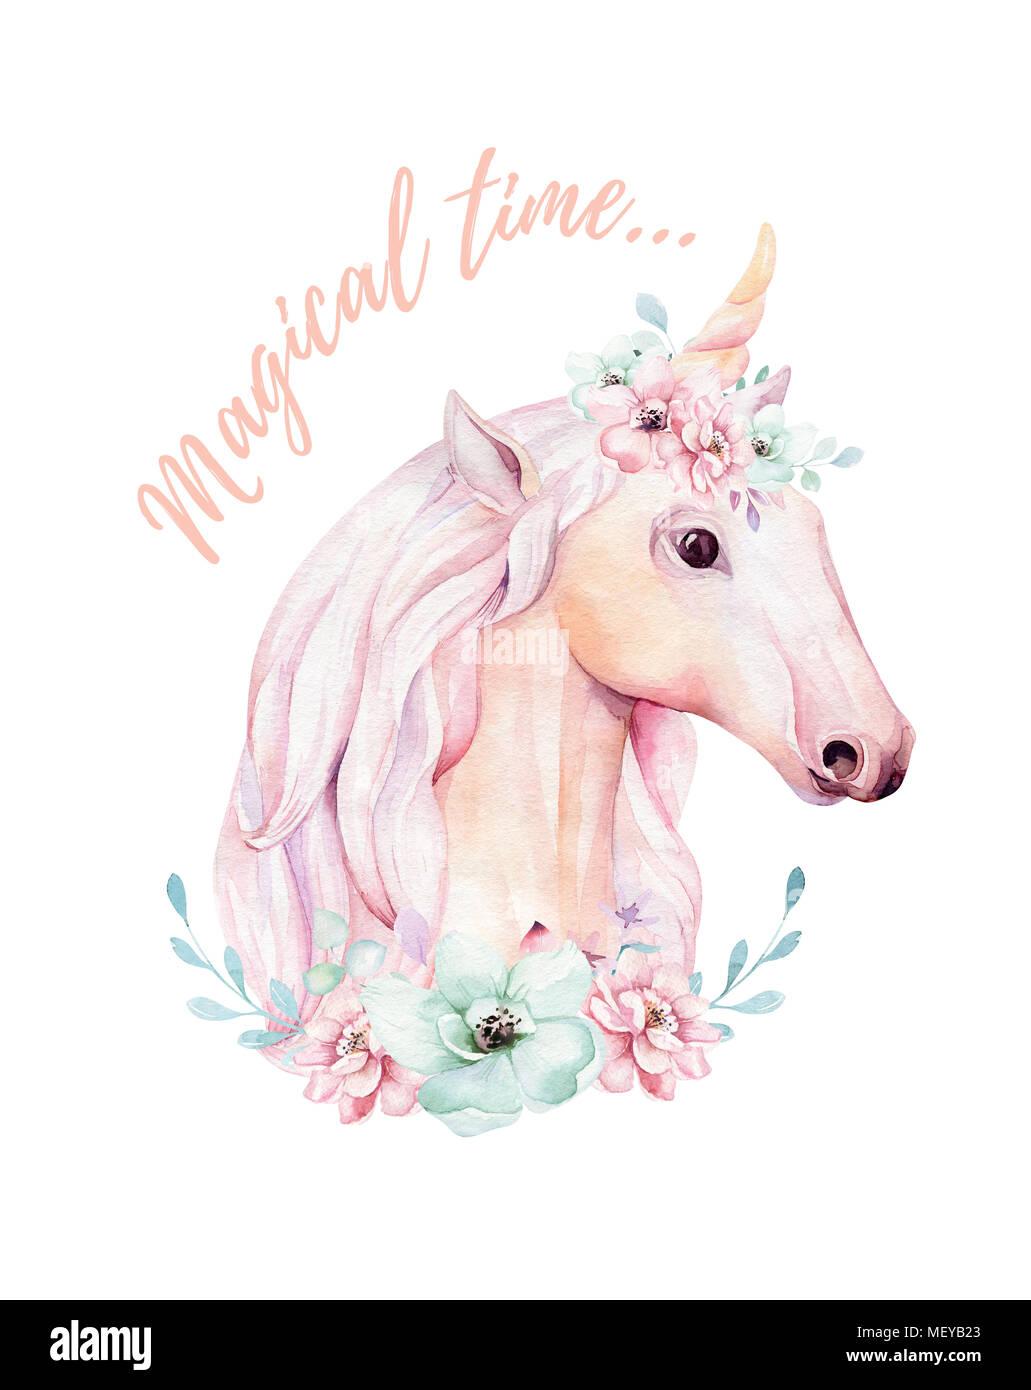 Cute isolés licornes aquarelle de fleurs. clipart Unicornsillustration en pépinière. Arc-en-ciel princesse poster. Rose à la mode cartoon pony horse. Photo Stock